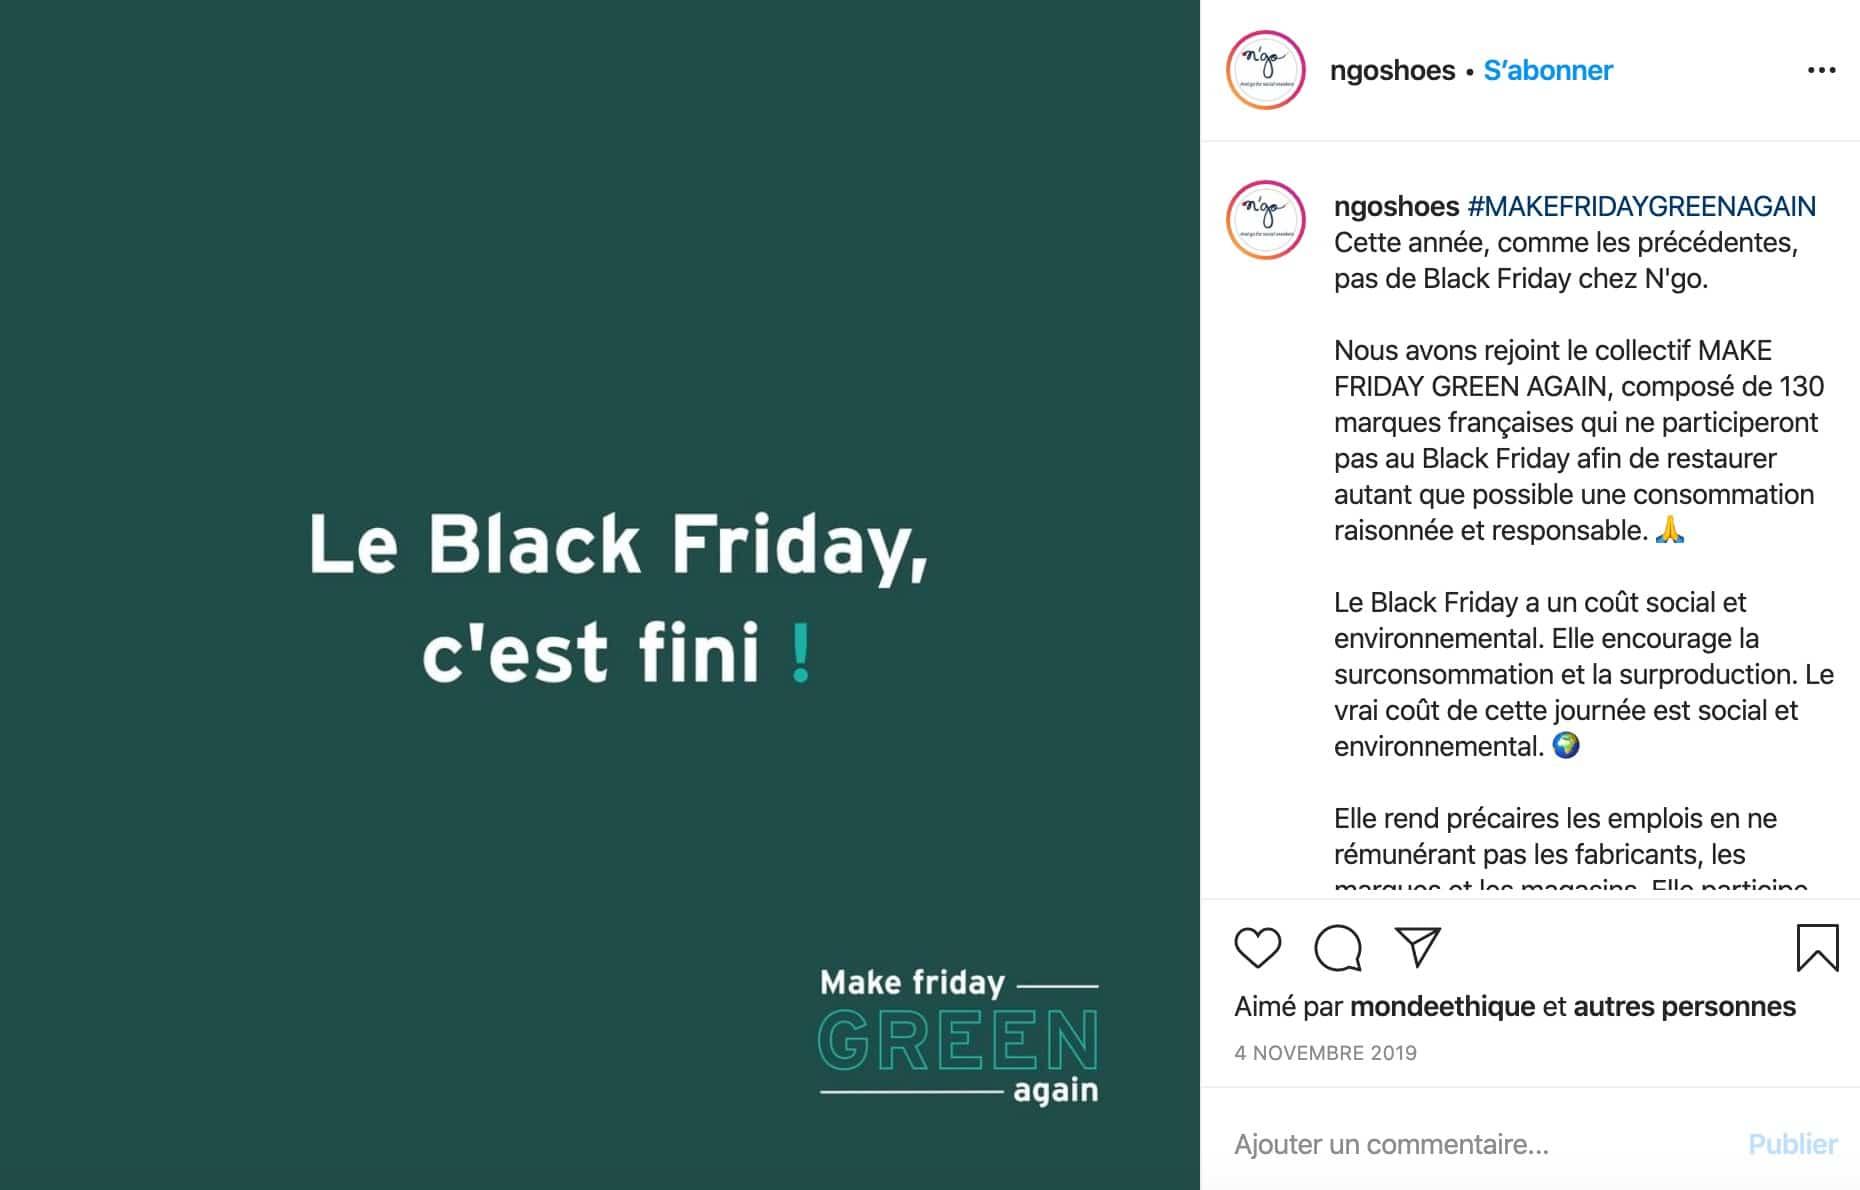 Exemple d'une marque qui affirme ses valeurs sur les réseaux sociaux (N'go Nantes à propos du black friday)